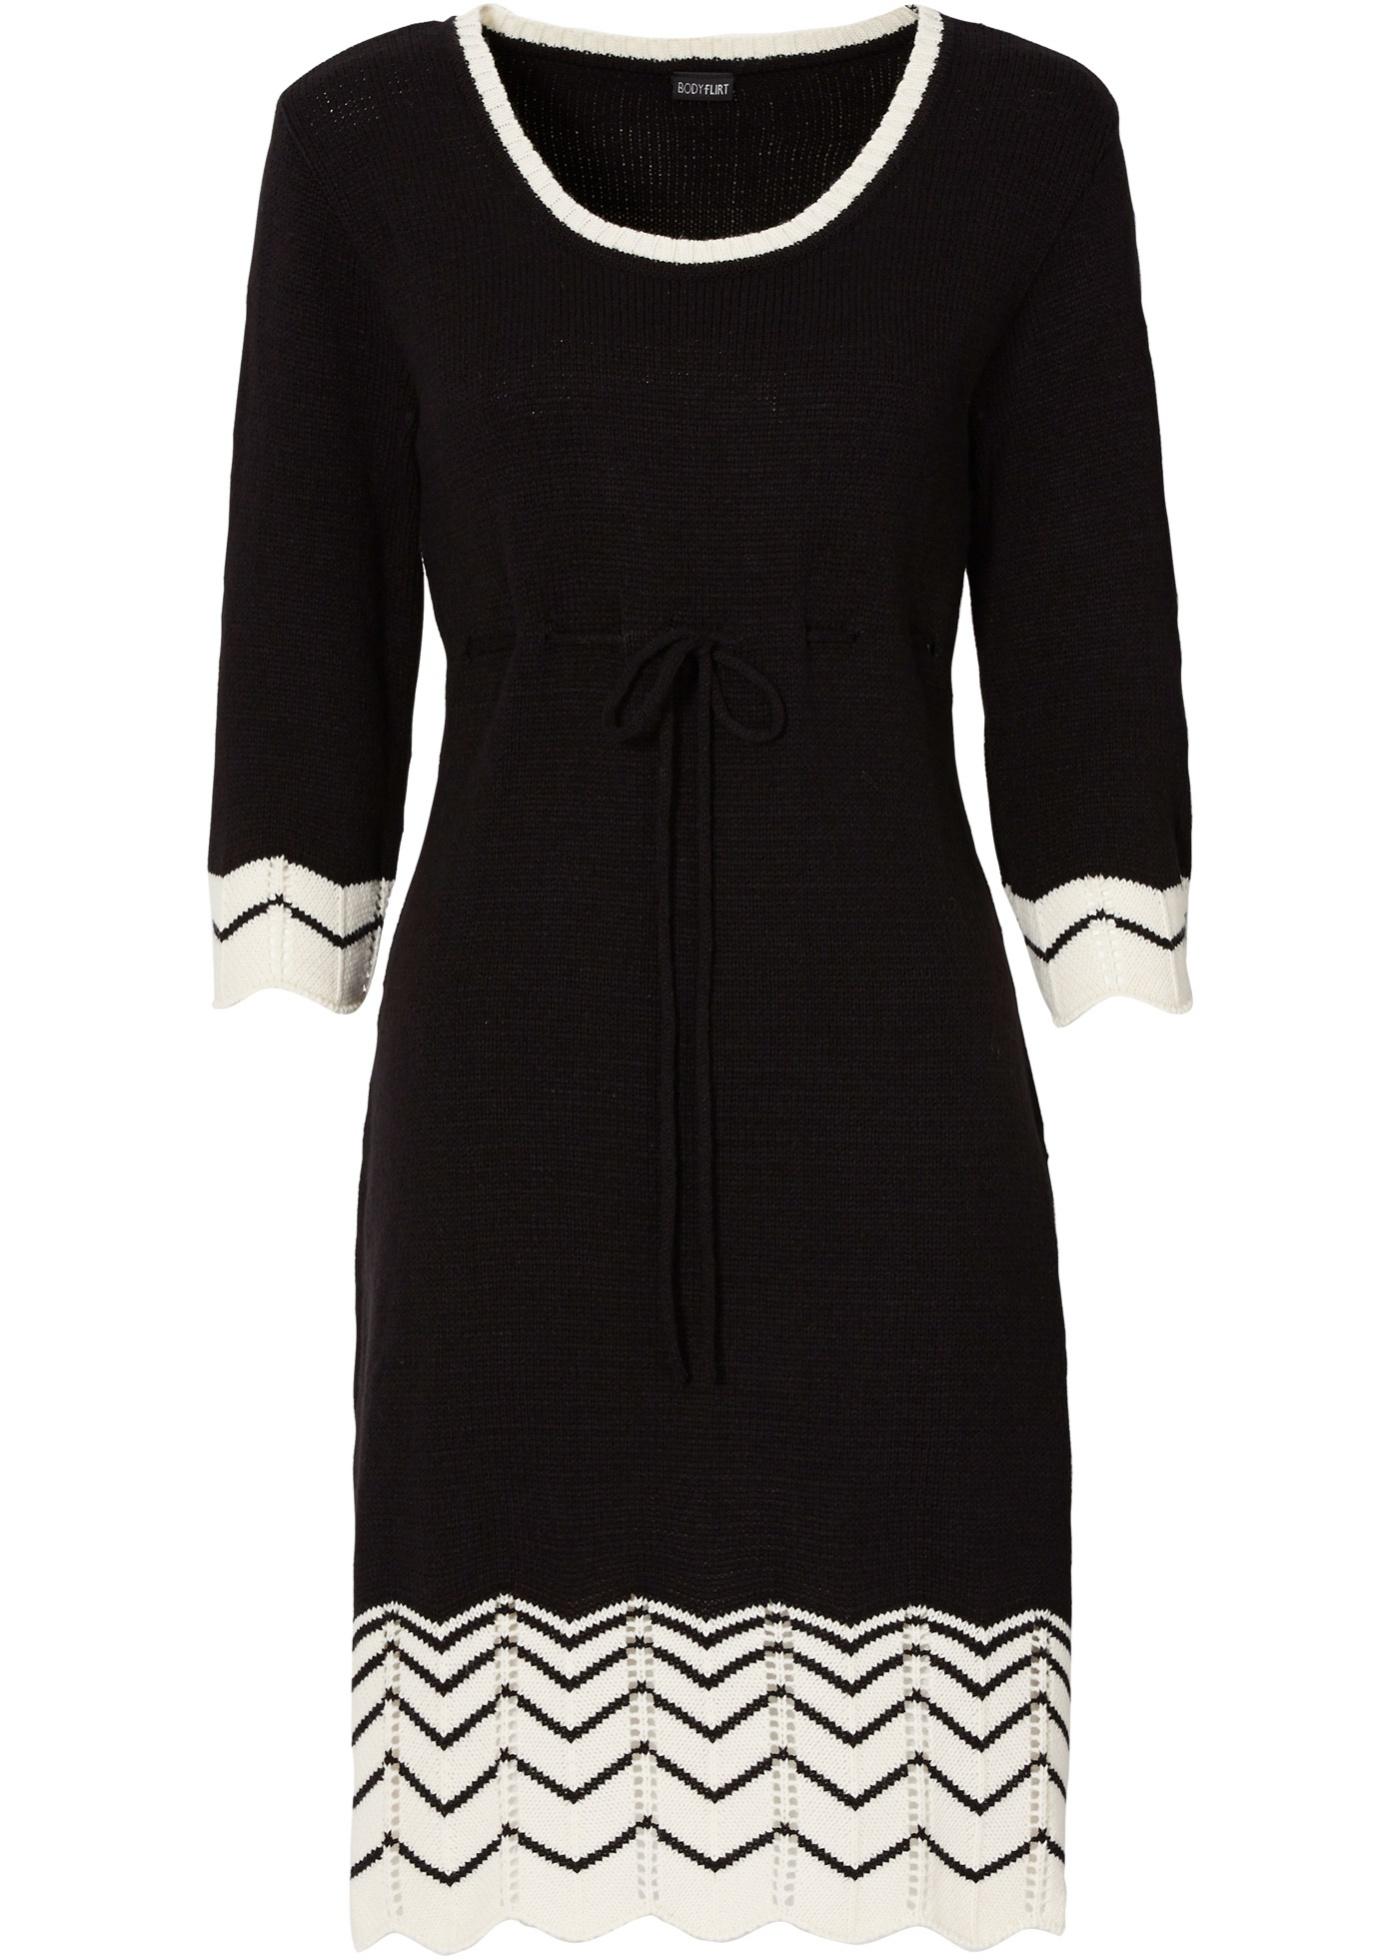 Bonprix SE - Stickad klänning 189.00